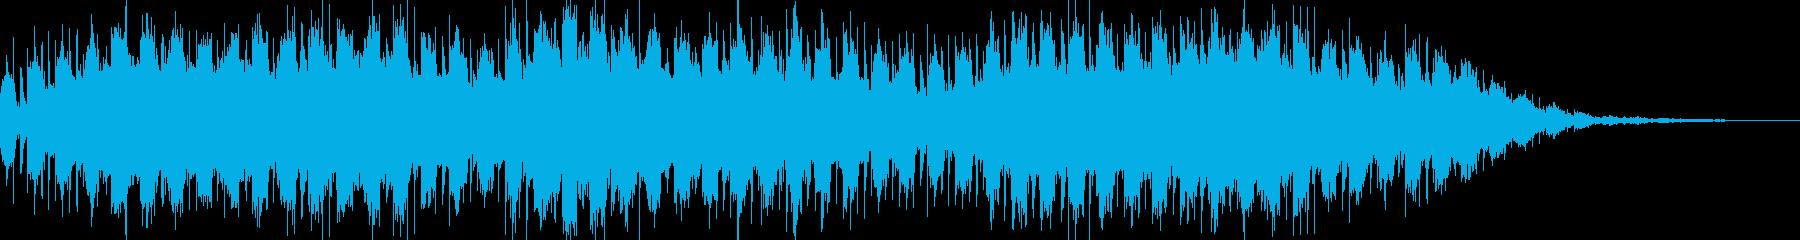 サイエンス 科学 化学 実験 教育 理科の再生済みの波形